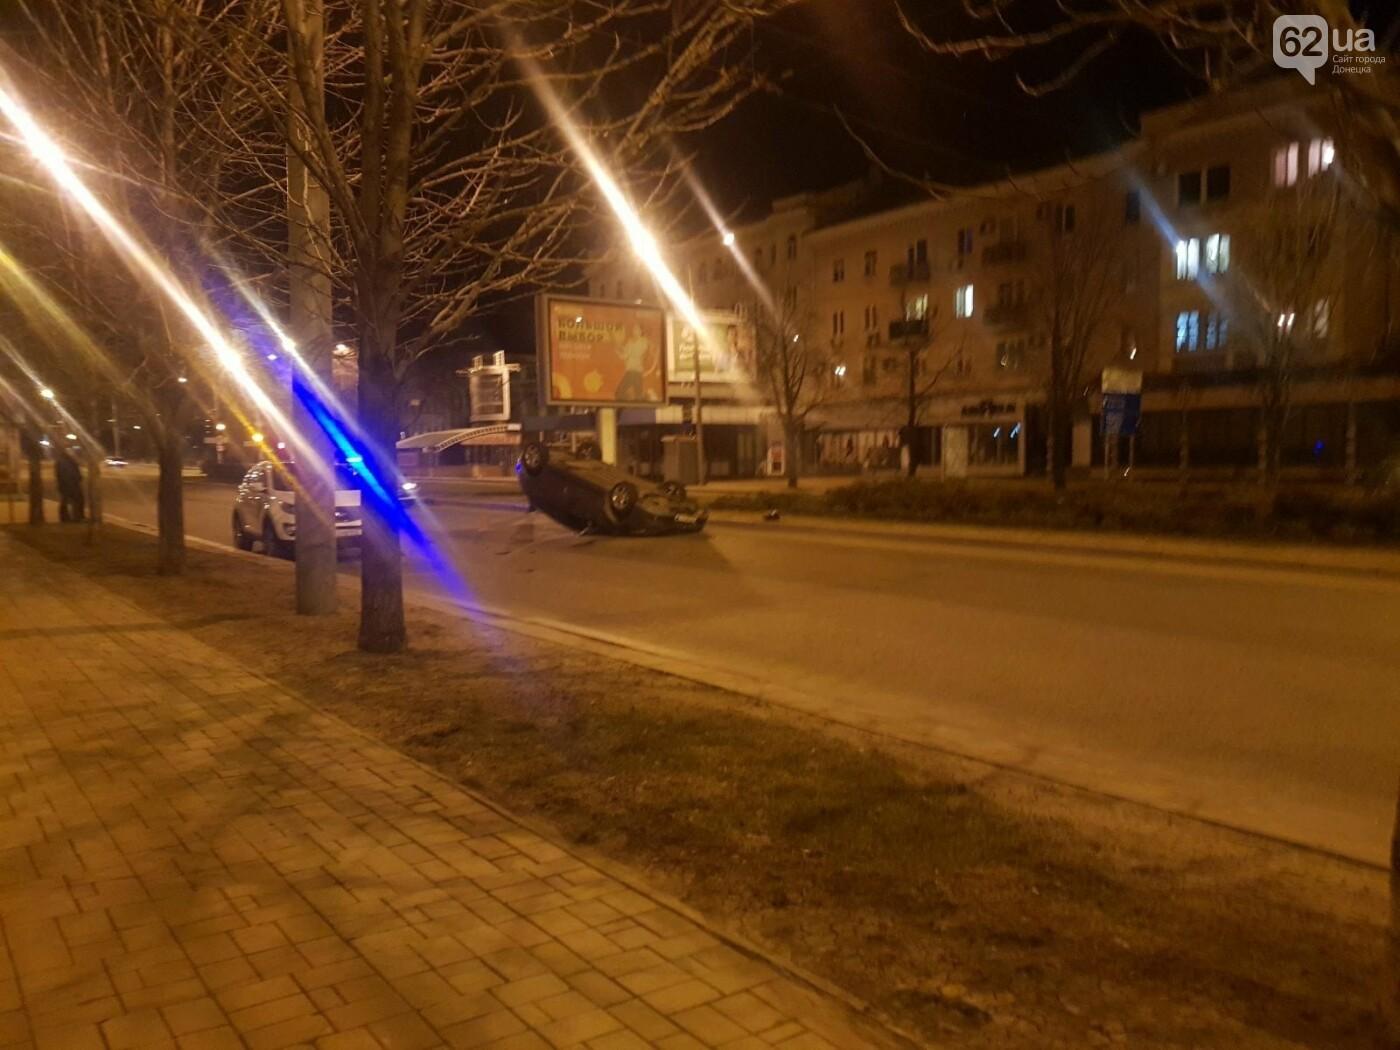 В центре Донецка авто перевернулось вверх колесами, - ФОТО, фото-1